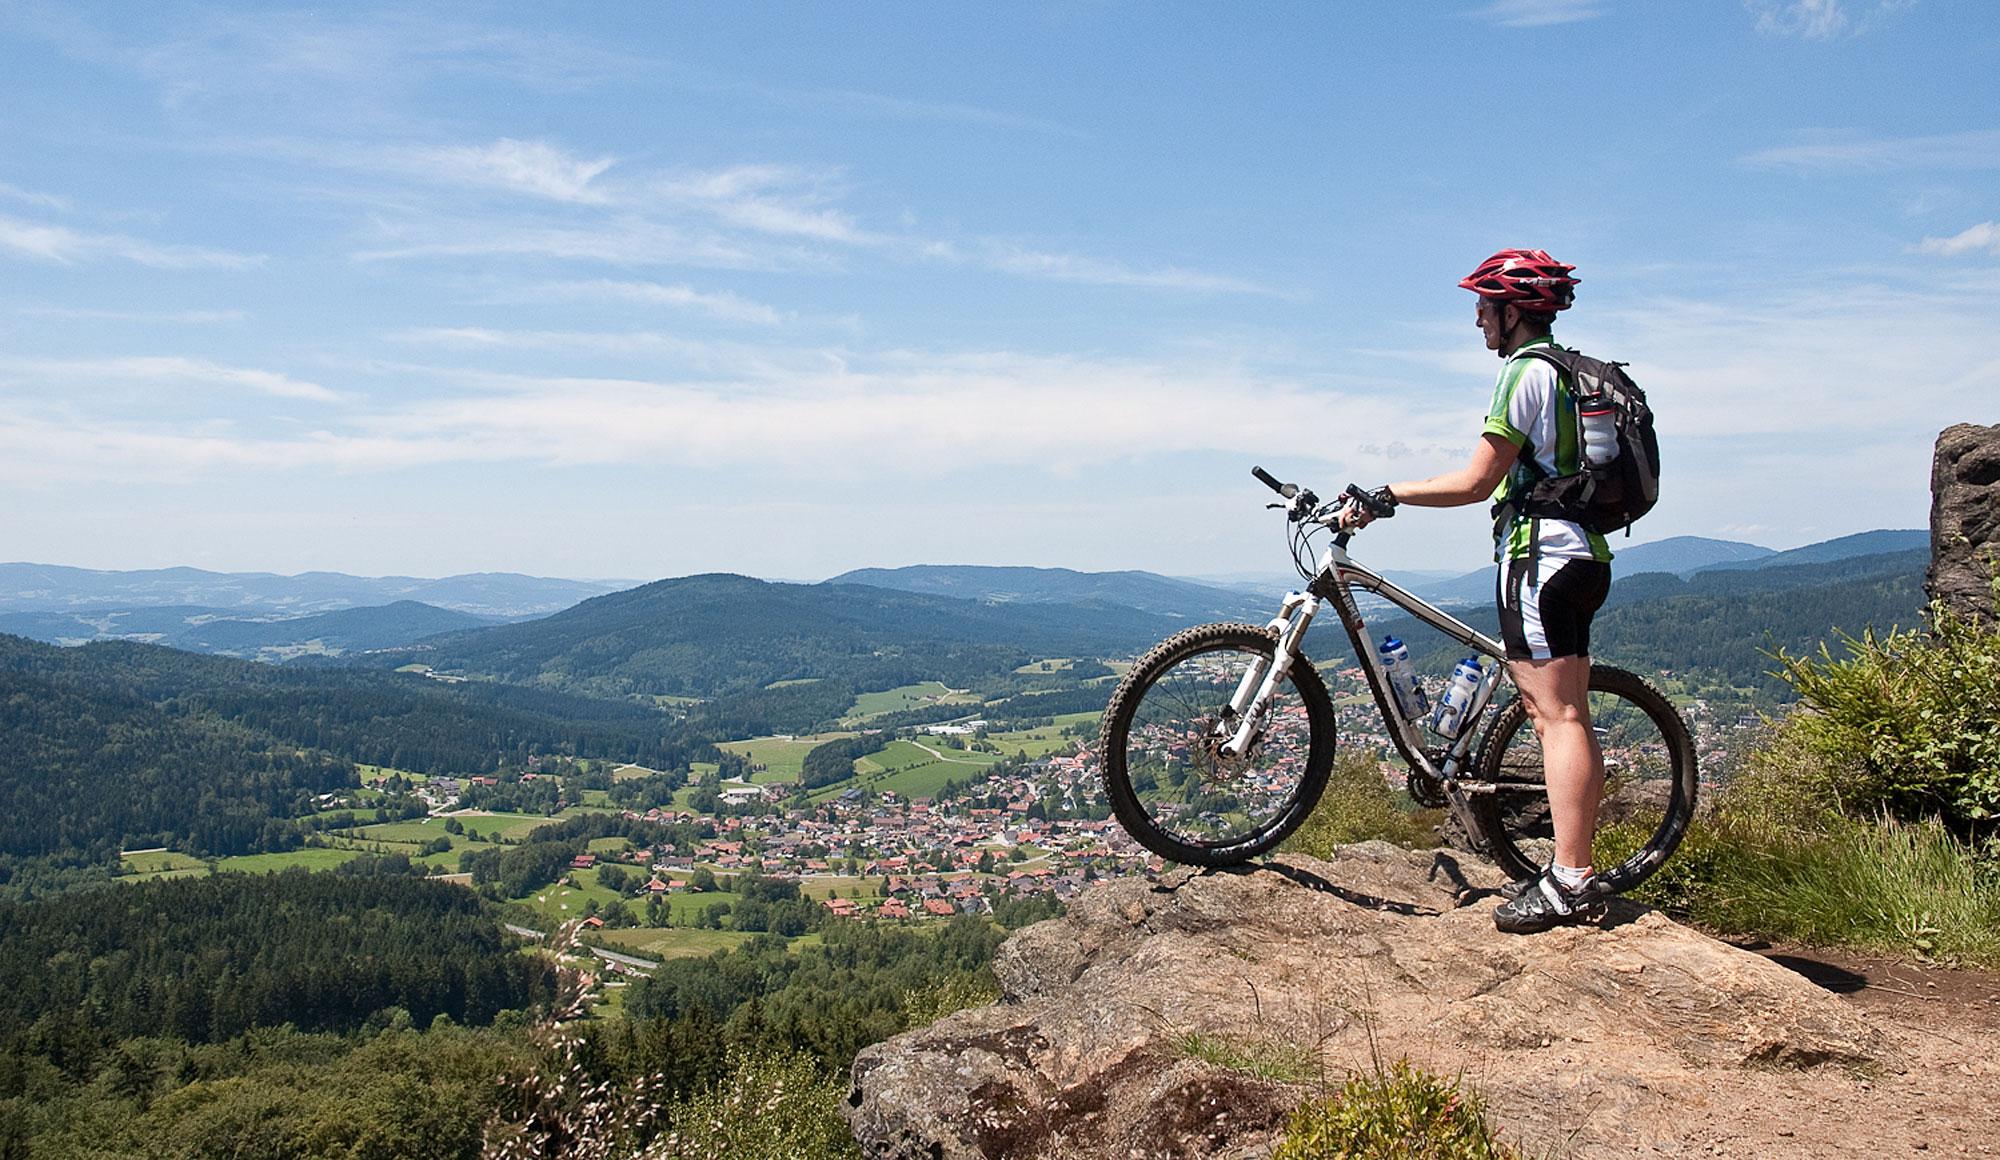 Ausflugstipps und Sehenswürdigkeiten im Bayerischen Wald